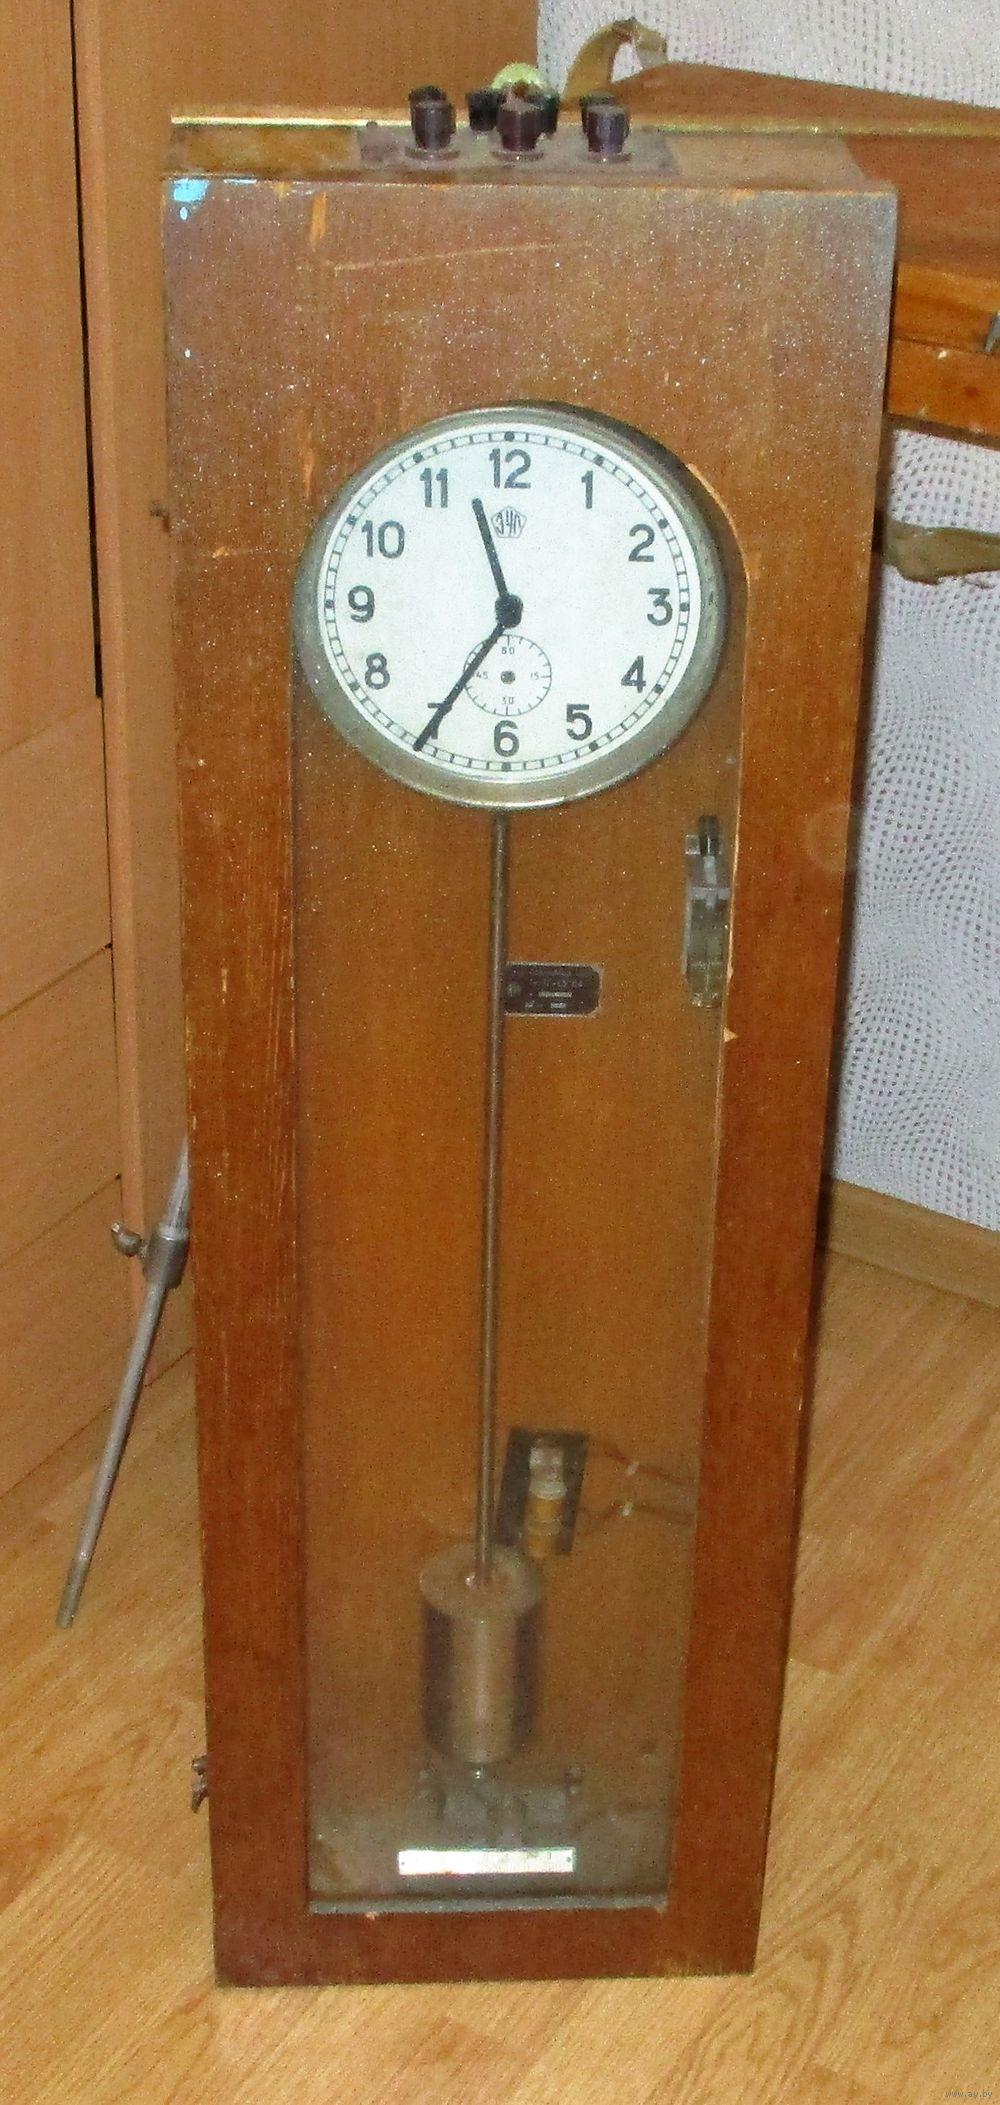 Электропервичные часы купить как называется крепление наручных часов